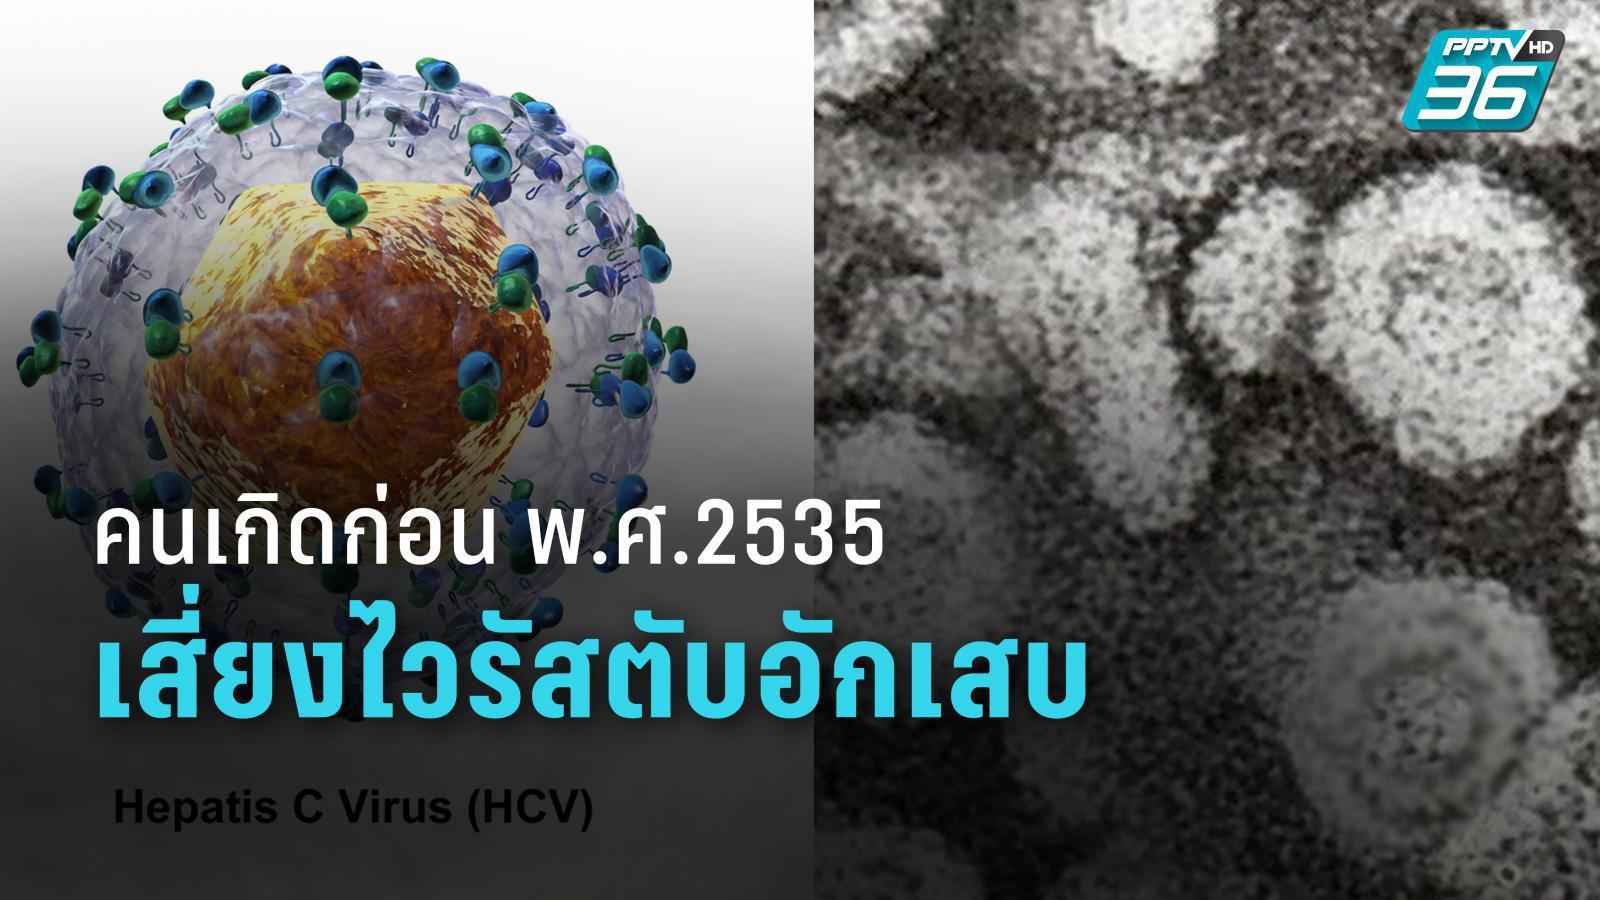 กรมควบคุมโรคเตือนคนเกิดก่อน พ.ศ. 2535 เสี่ยงเชื้อไวรัสตับอักเสบ